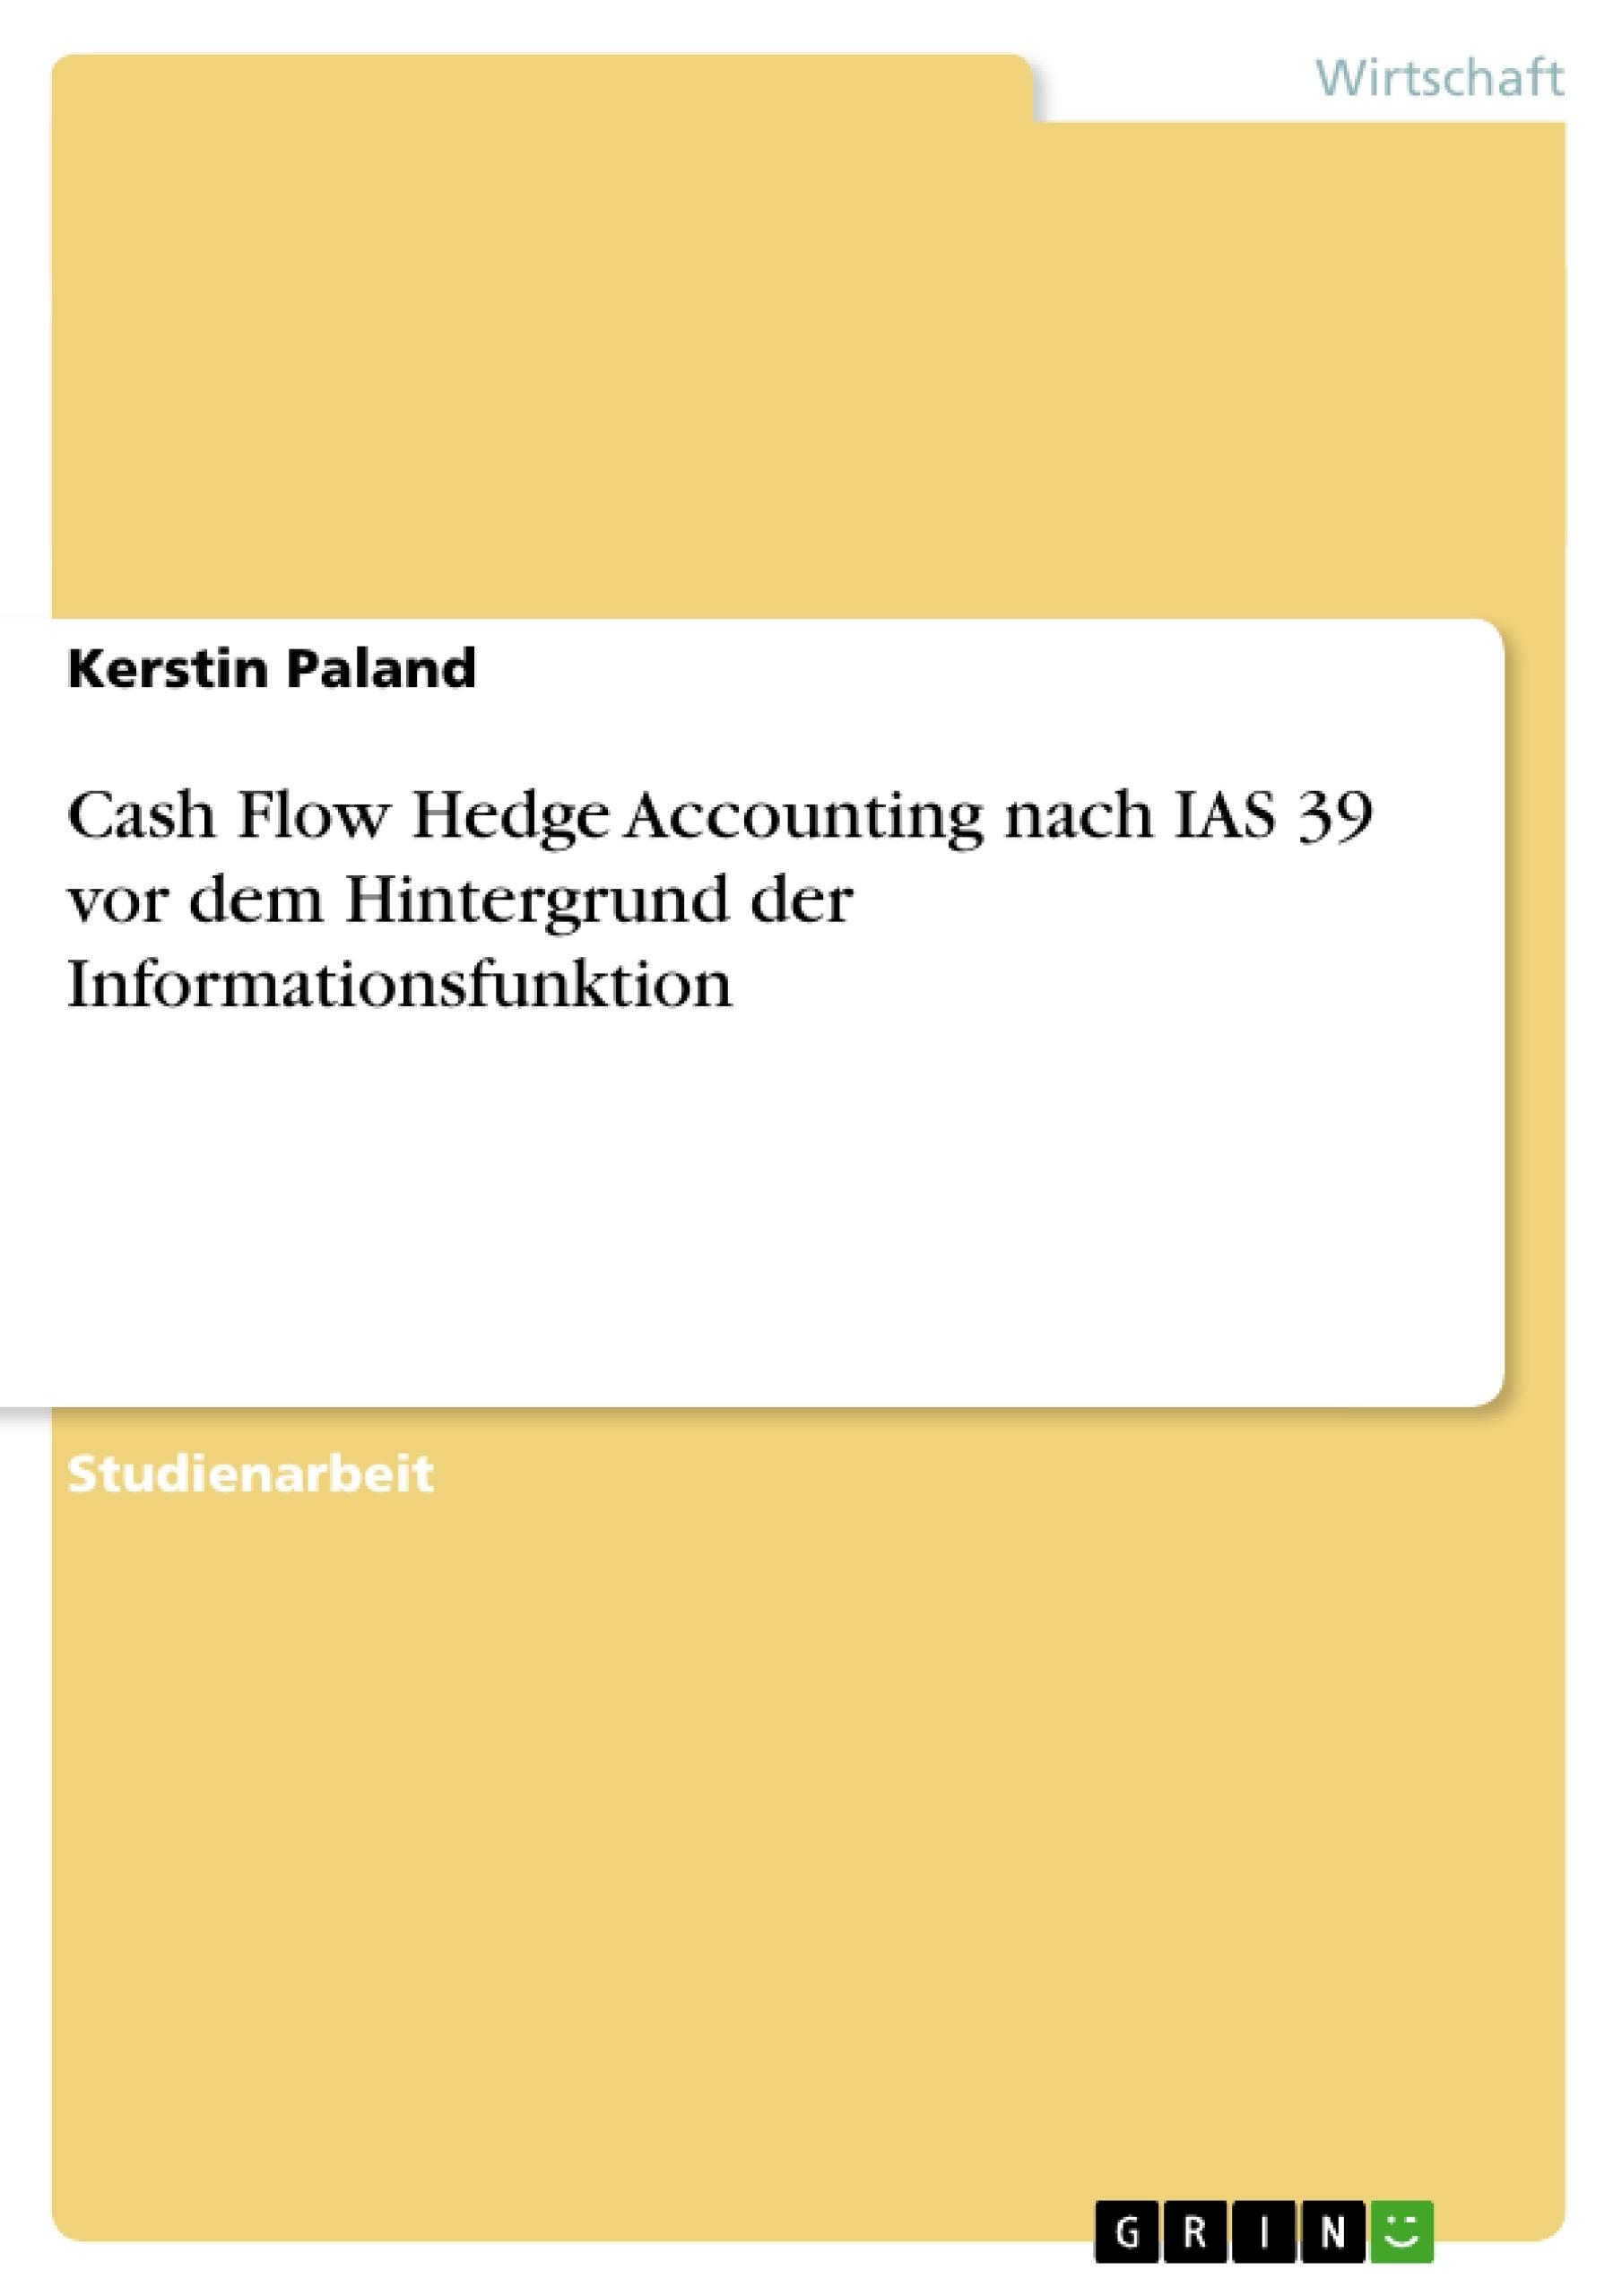 Titel: Cash Flow Hedge Accounting nach IAS 39 vor dem Hintergrund der Informationsfunktion